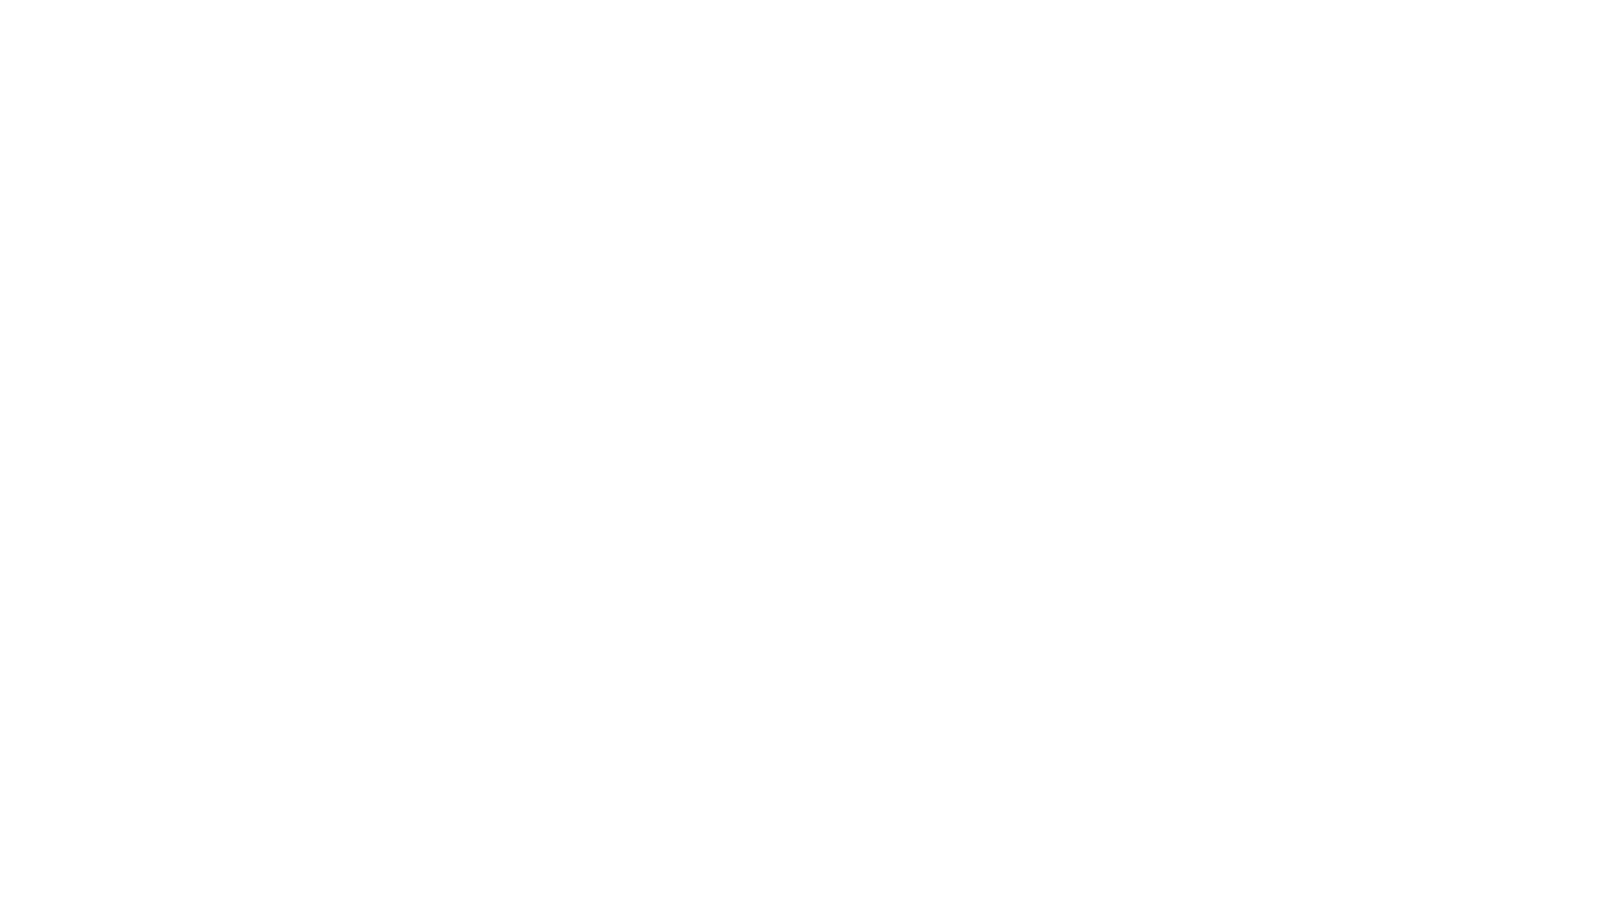 Entrevista a Laura Gallego en Radio Pomar (Barcelona)   «LA MAÑANA CON MARI CARMEN»  Un programa dirigido y presentado por Mari Carmen, en el cual tú eres el protagonista, tú y la música. Mari Carmen te acompaña en el coche, en el trabajo, donde quiera que estés, a través del 101.2 de tu dial, con consejos, humor, entrevistas, noticias,  música y lo más importante, ¡¡¡CONTIGO!!!       Fuente: Radio Pomar